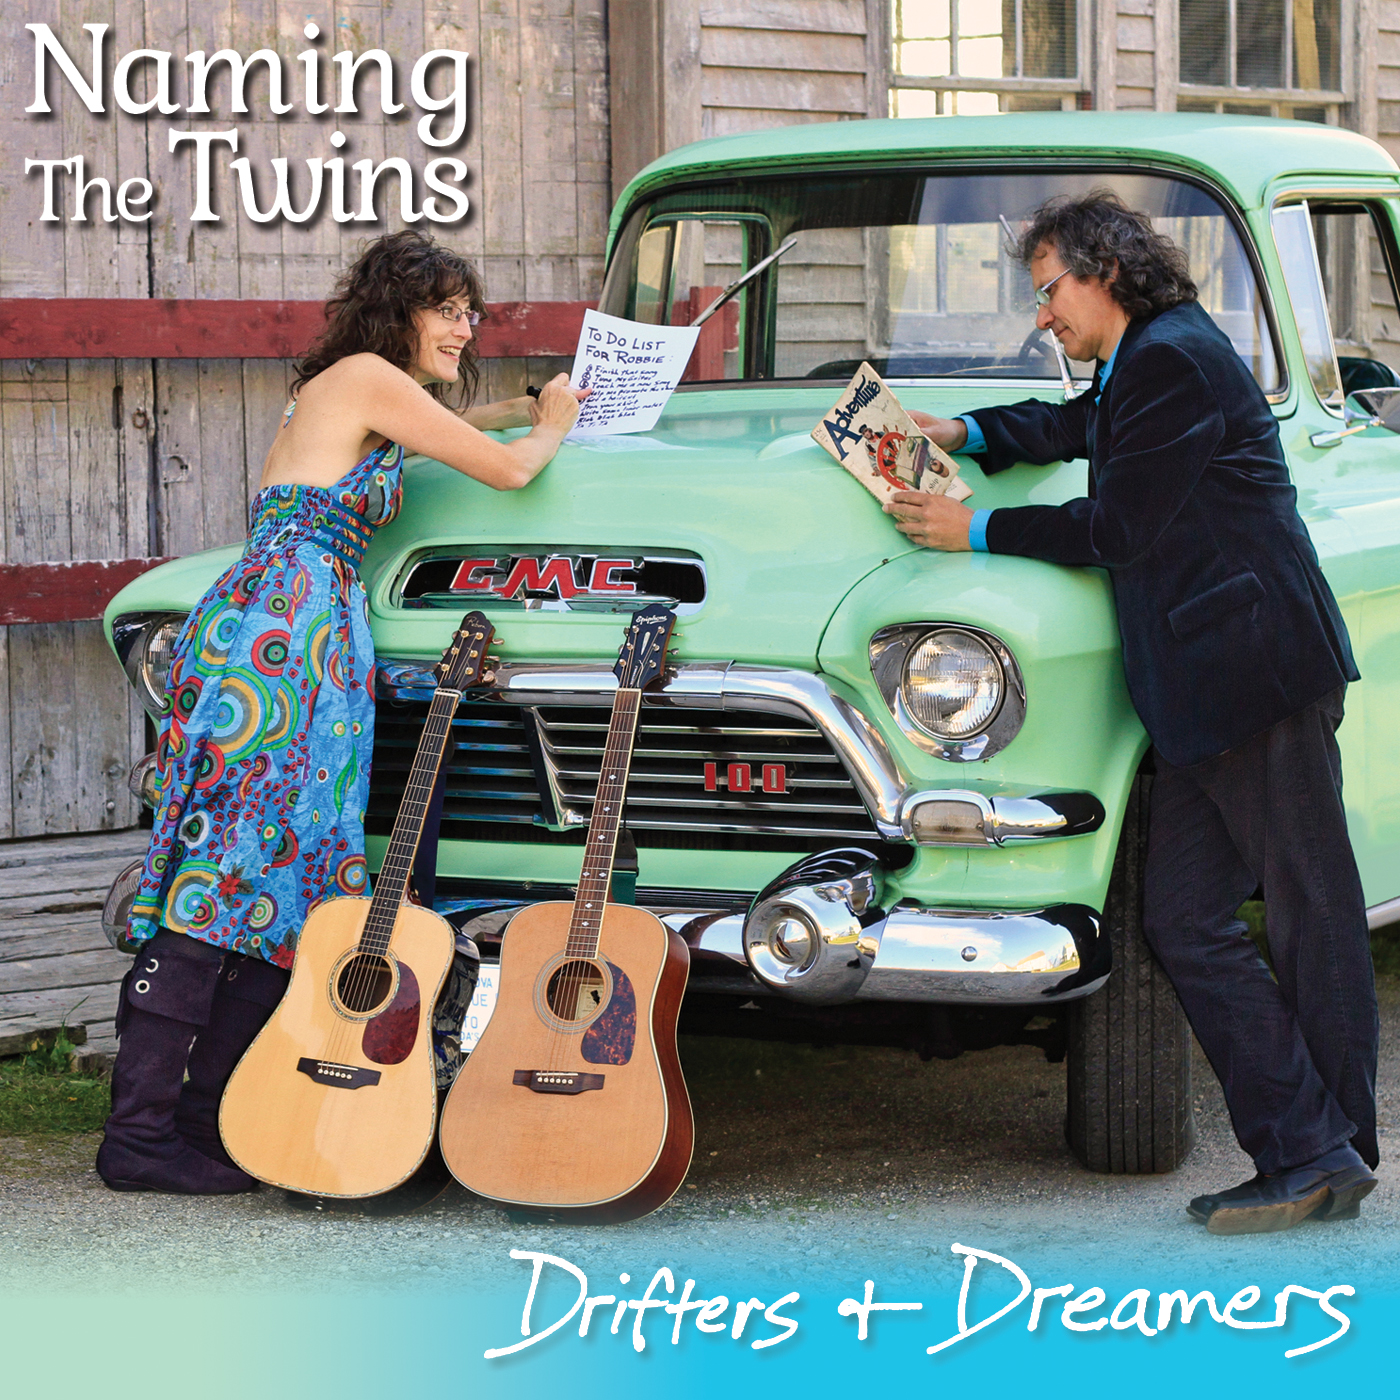 Drifters-Dreamers